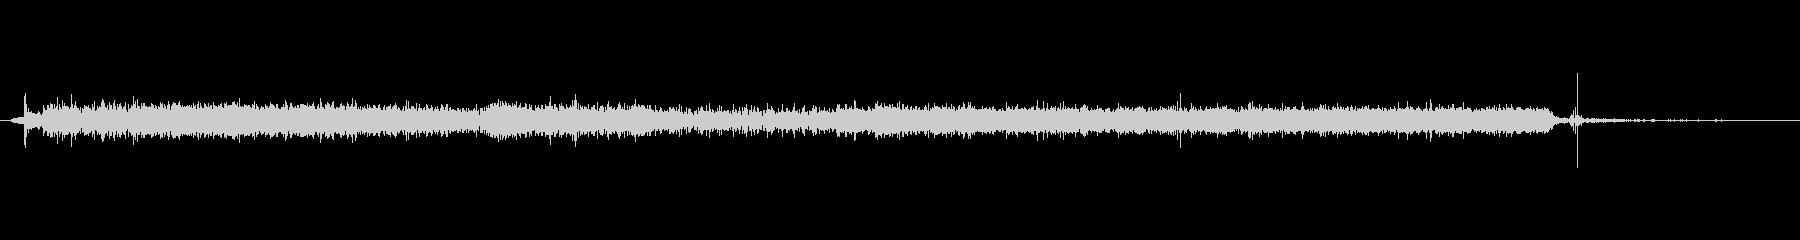 水 シンクフィルミディアムロング02の未再生の波形